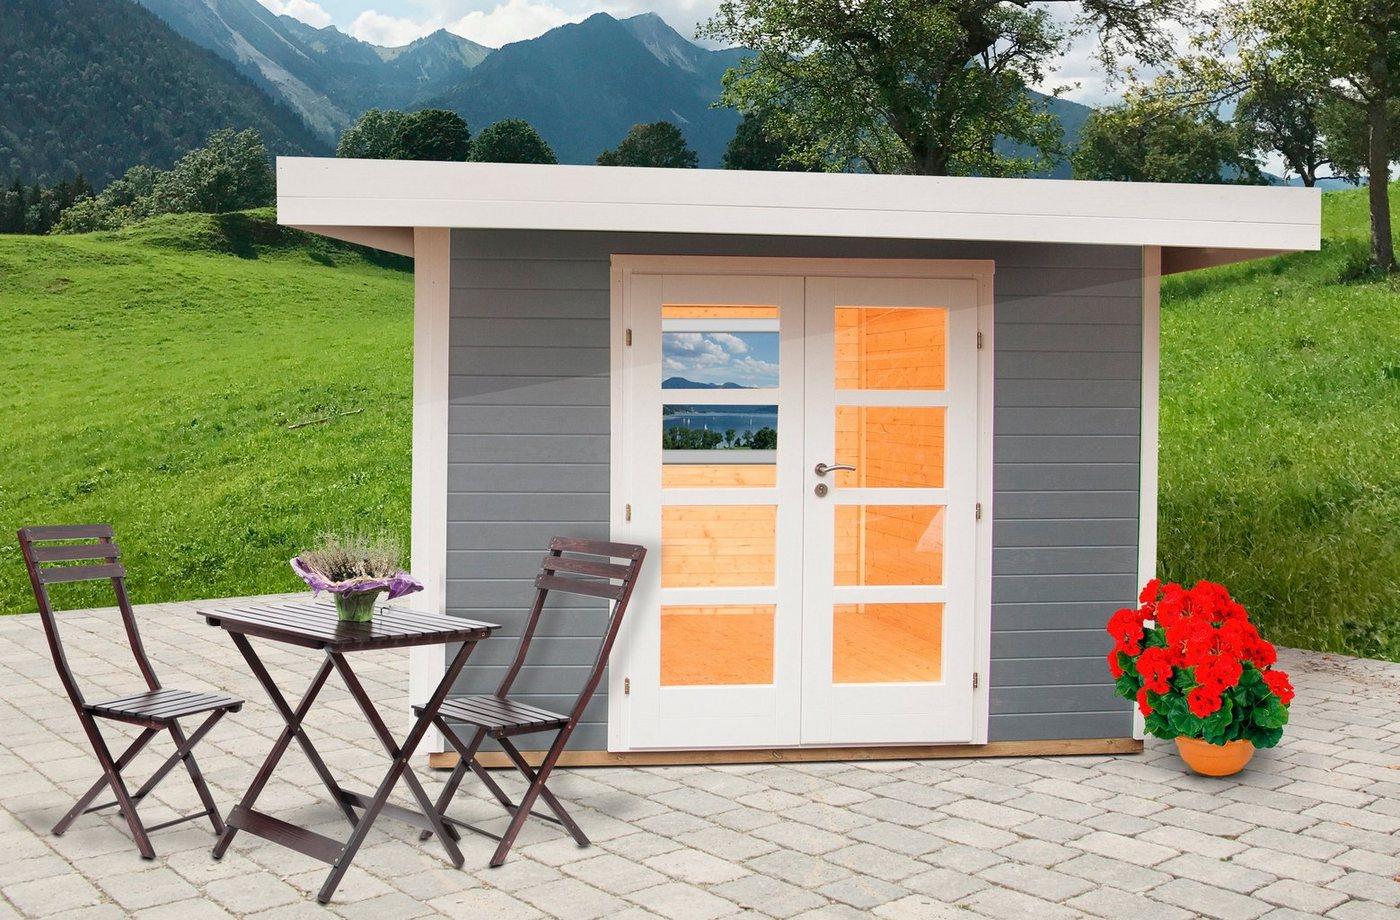 WOLFF FINNHAUS Gartenhaus »Relax Lounge C«, BxT: 356x375 cm, inkl. Fußboden | Garten > Bodenbeläge-Garten | Grau | Wolff